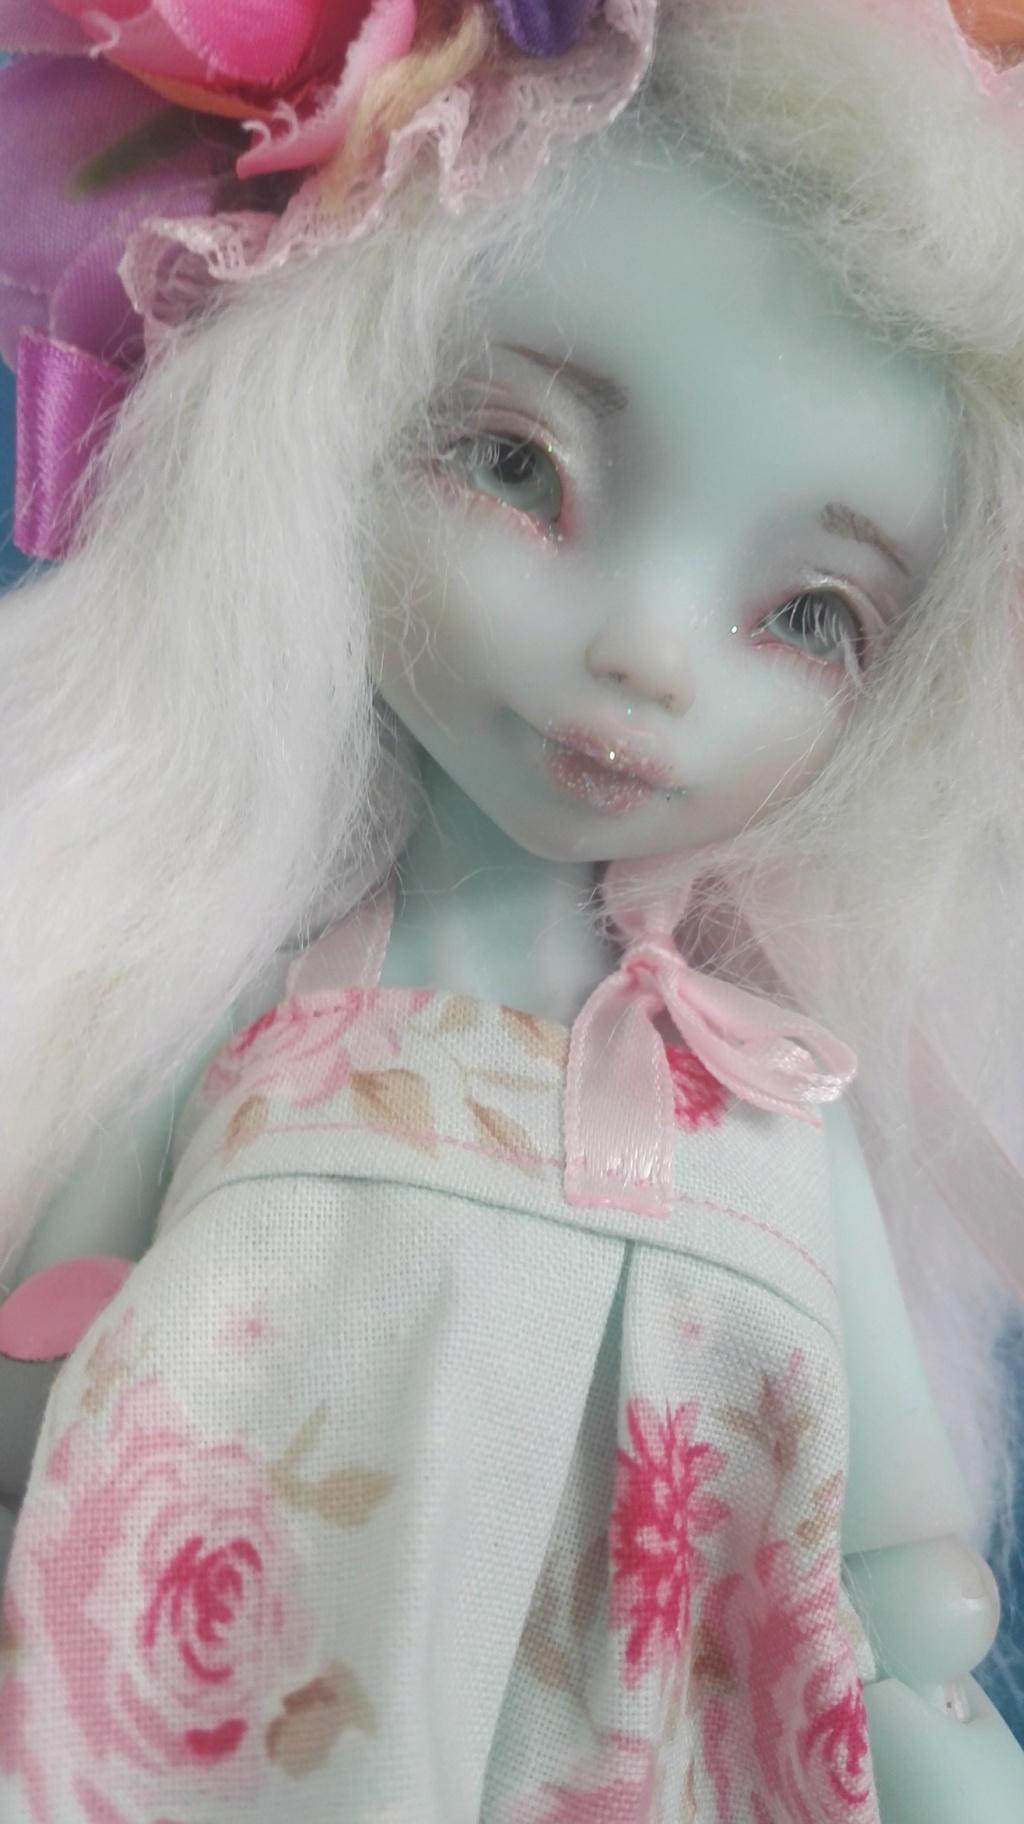 [vente] Noble dolls Reglisse-Mr Quenotte - Lati &+++ Img_2021